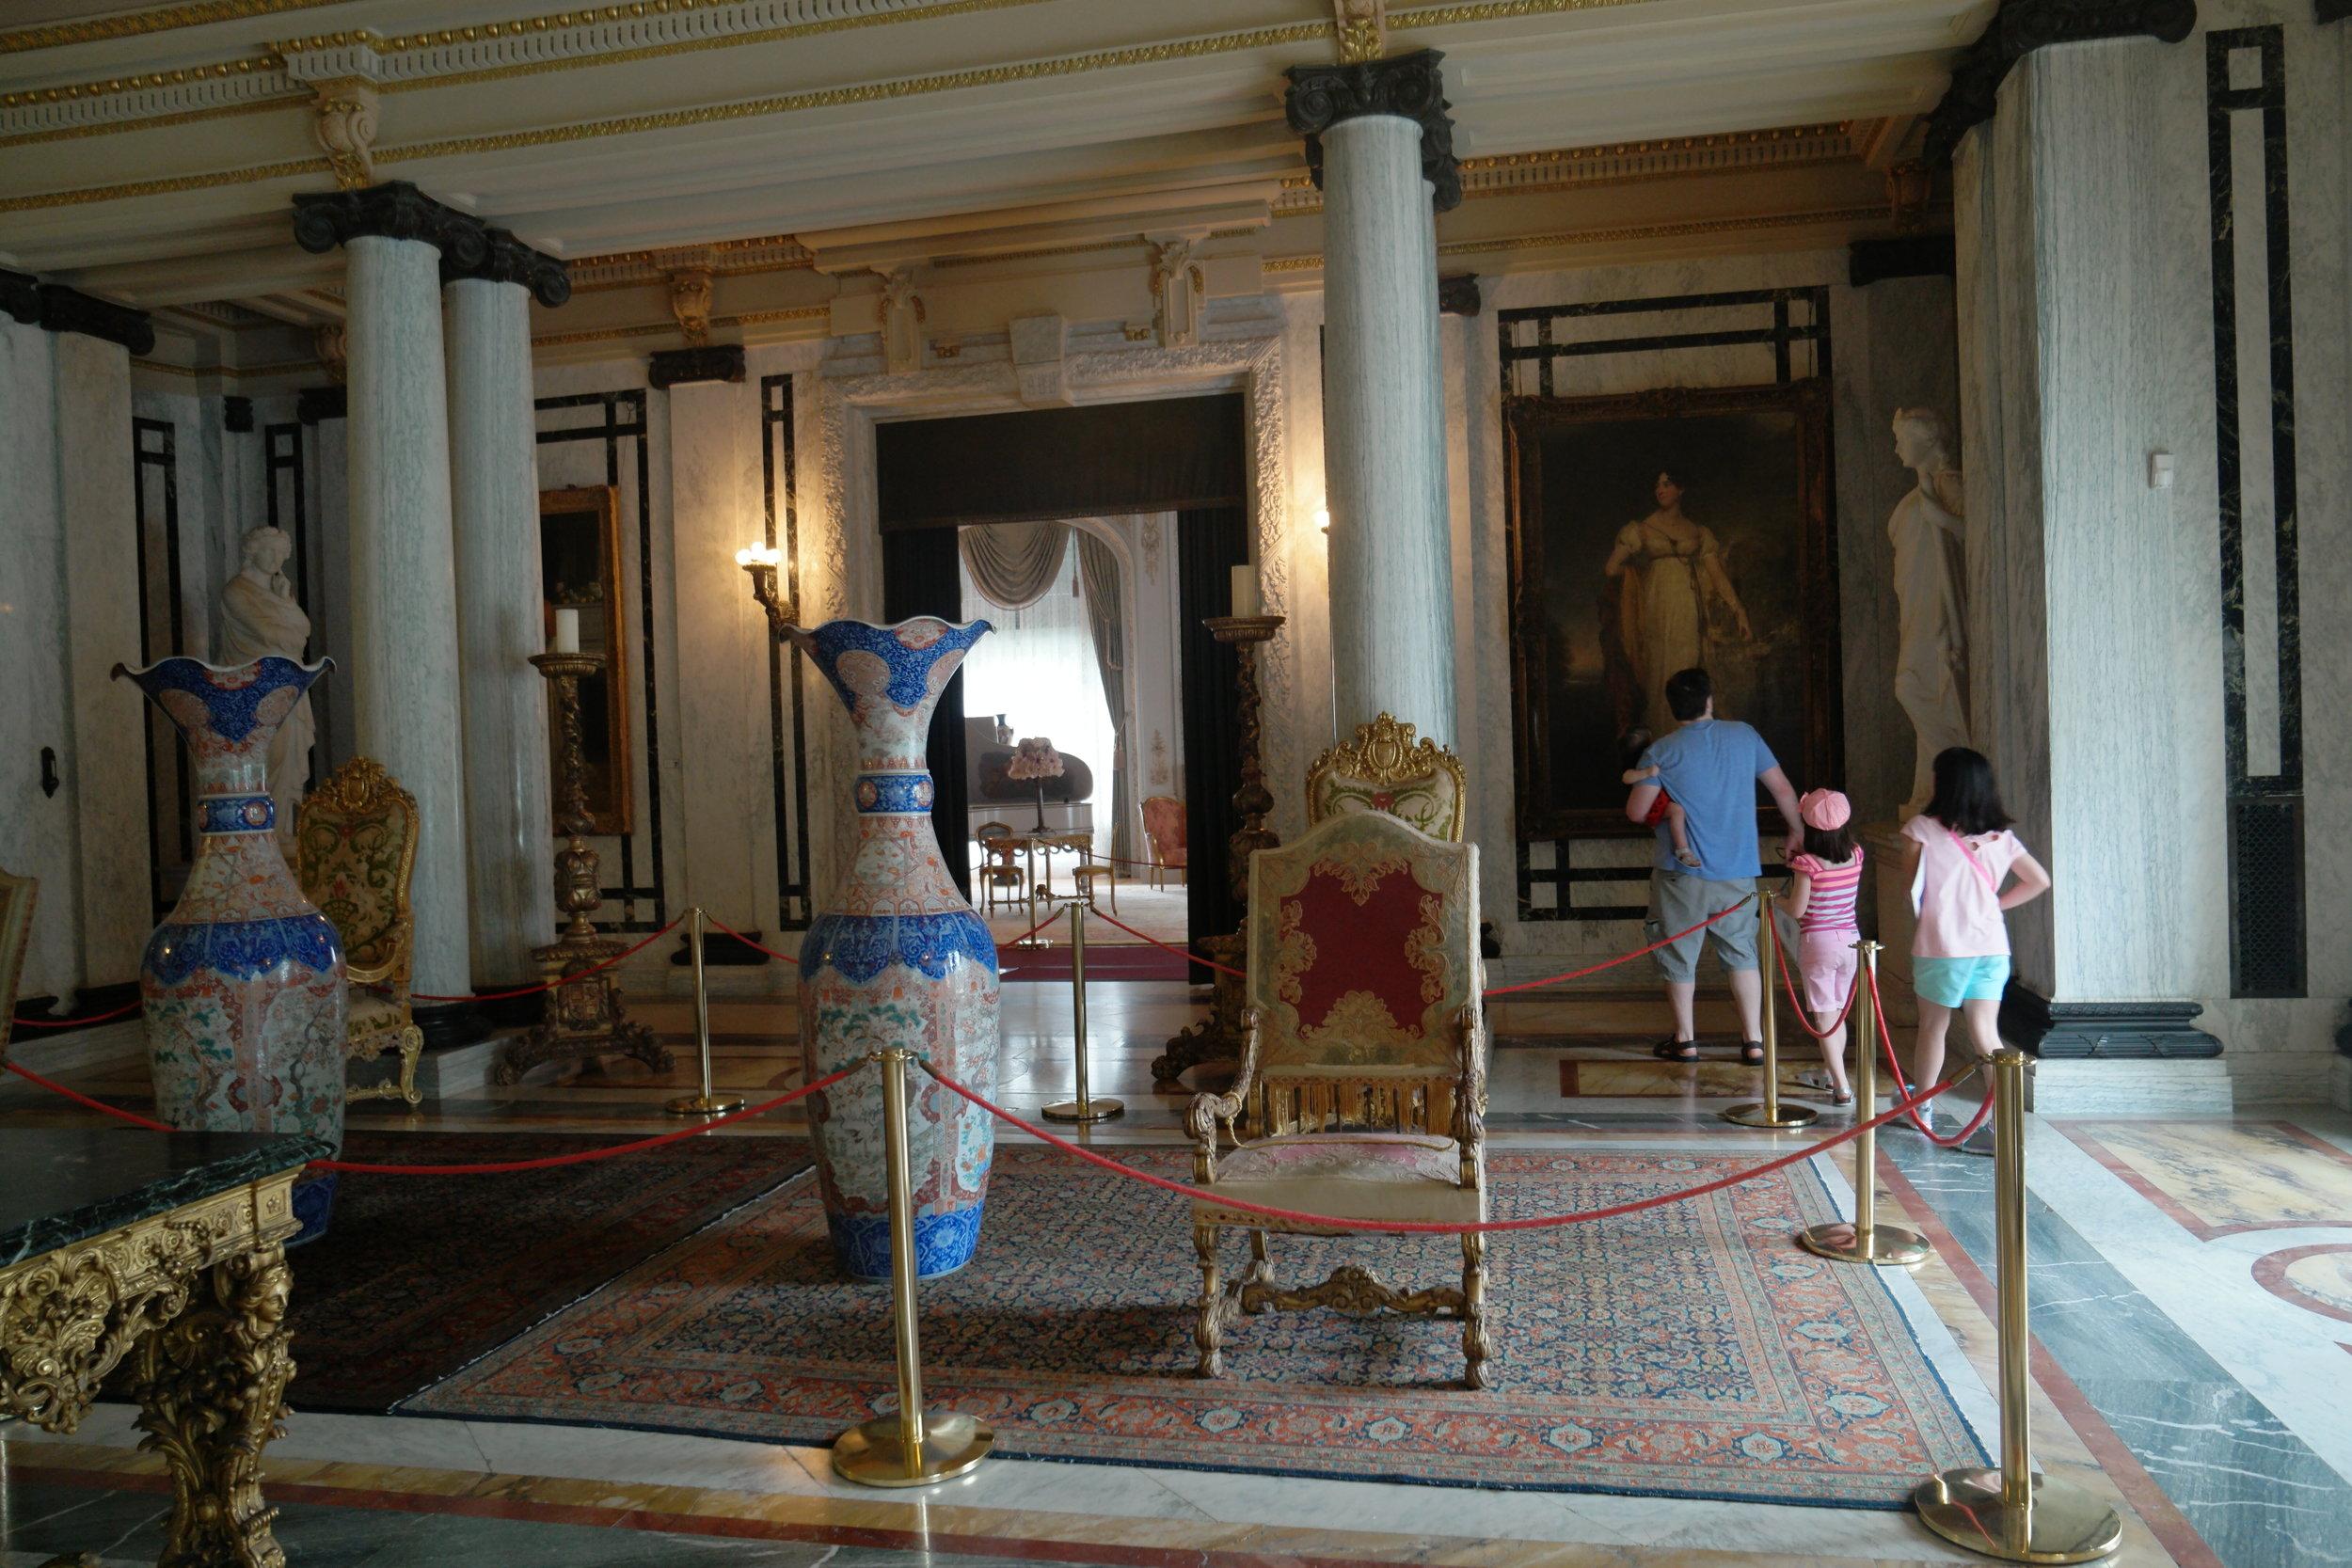 Entrance room of the Flagler Mansion